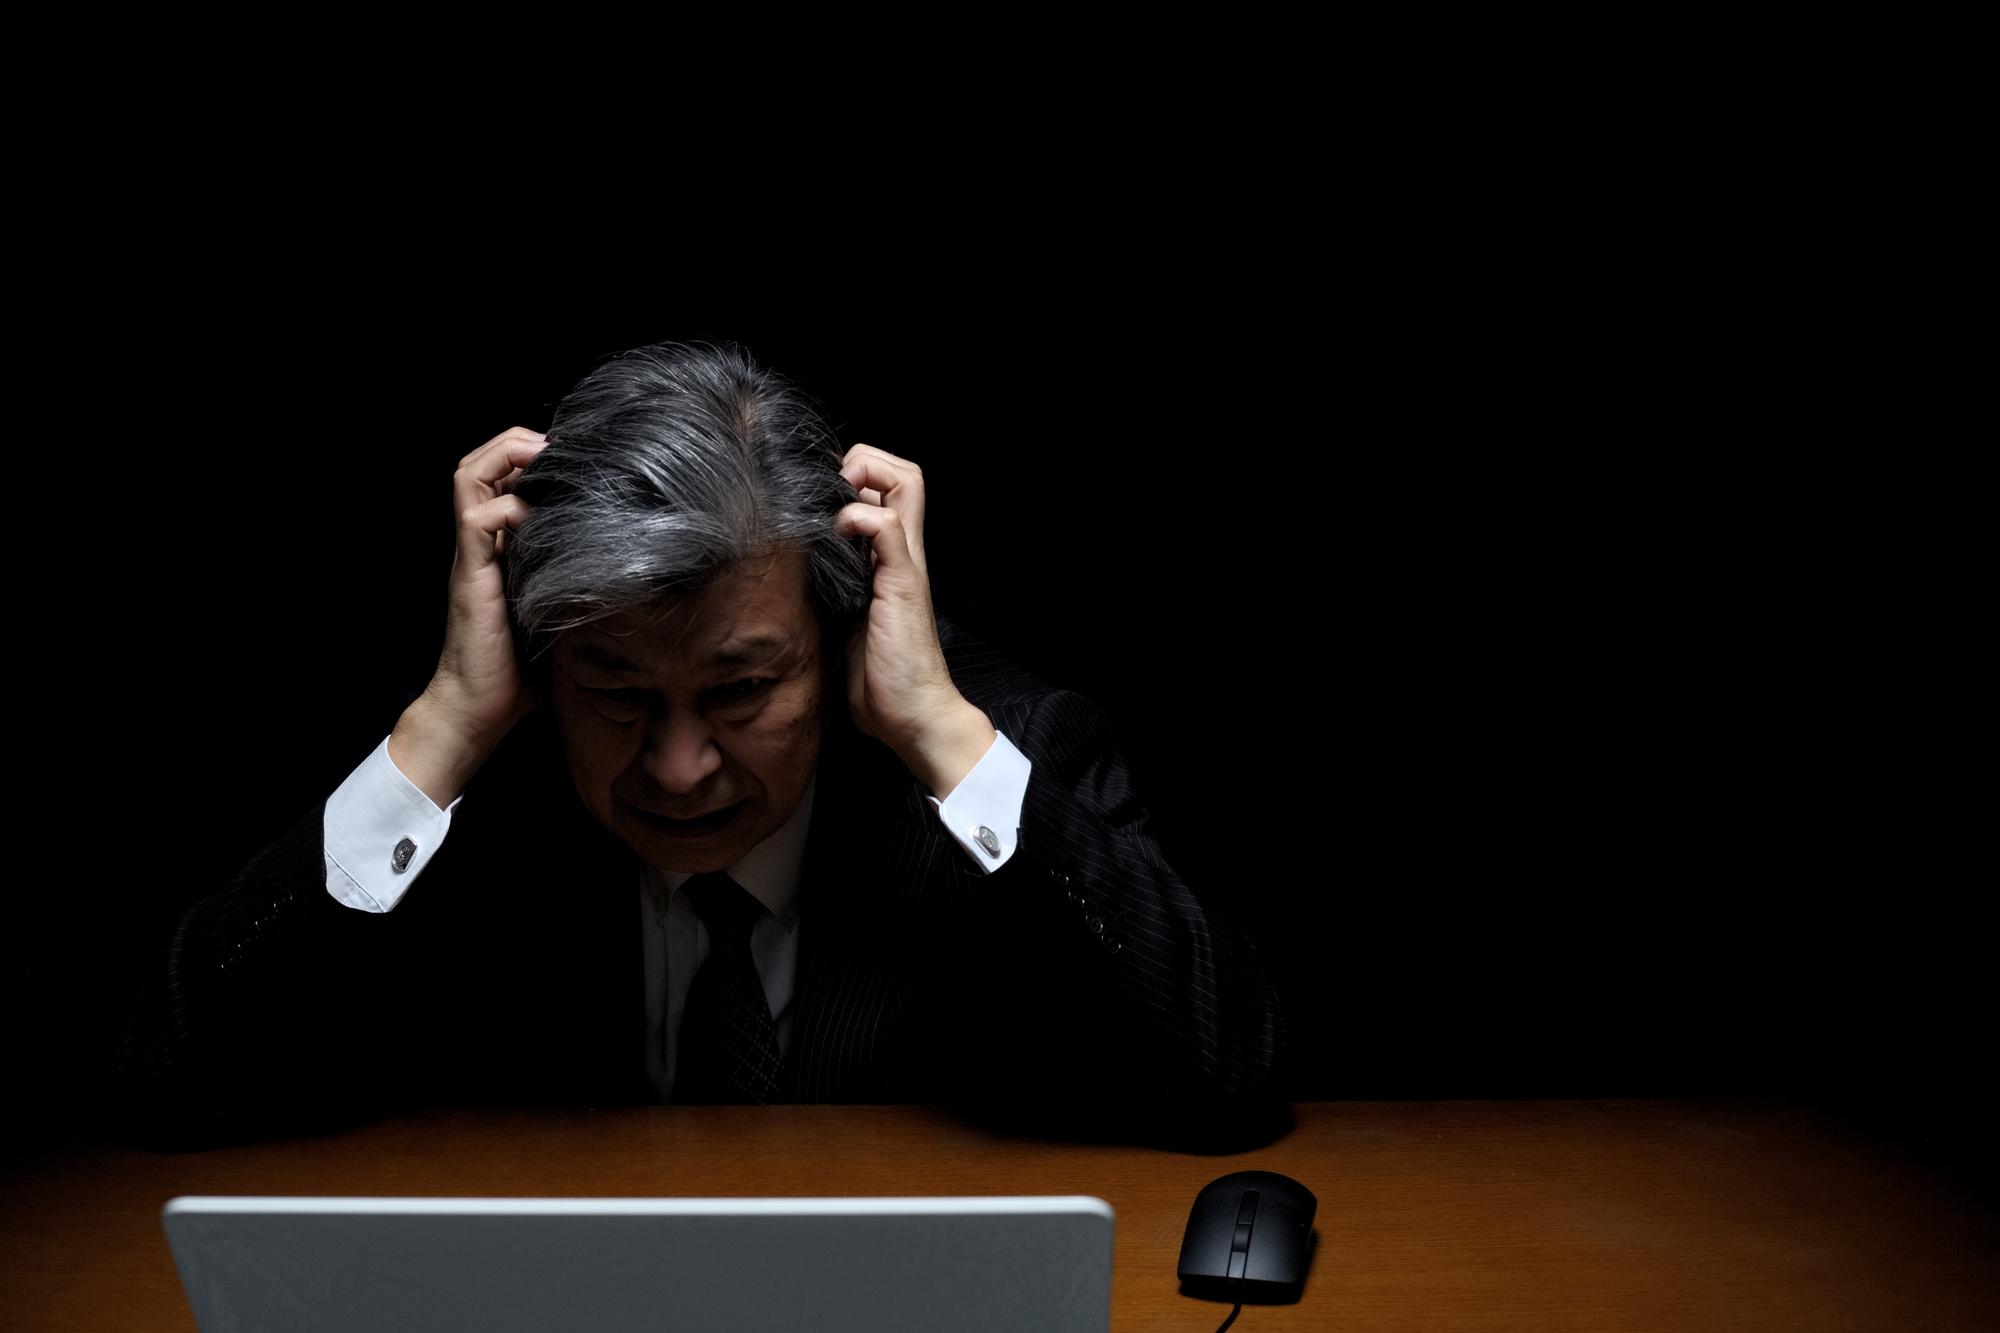 【体験談】自己破産で不動産投資がトラウマになった投資家たち